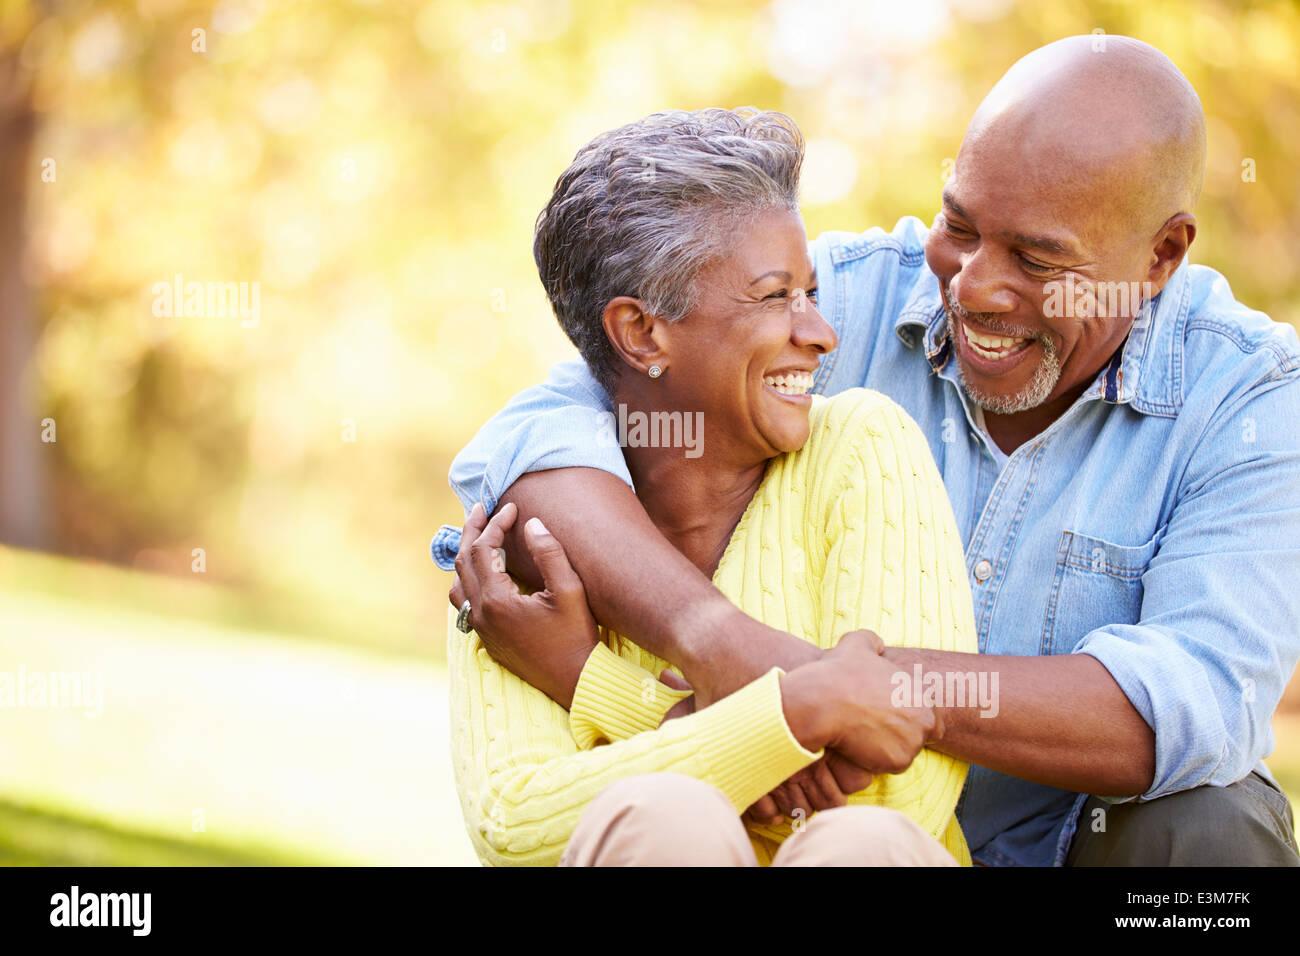 Las parejas ancianas relajante paisaje otoñal Imagen De Stock